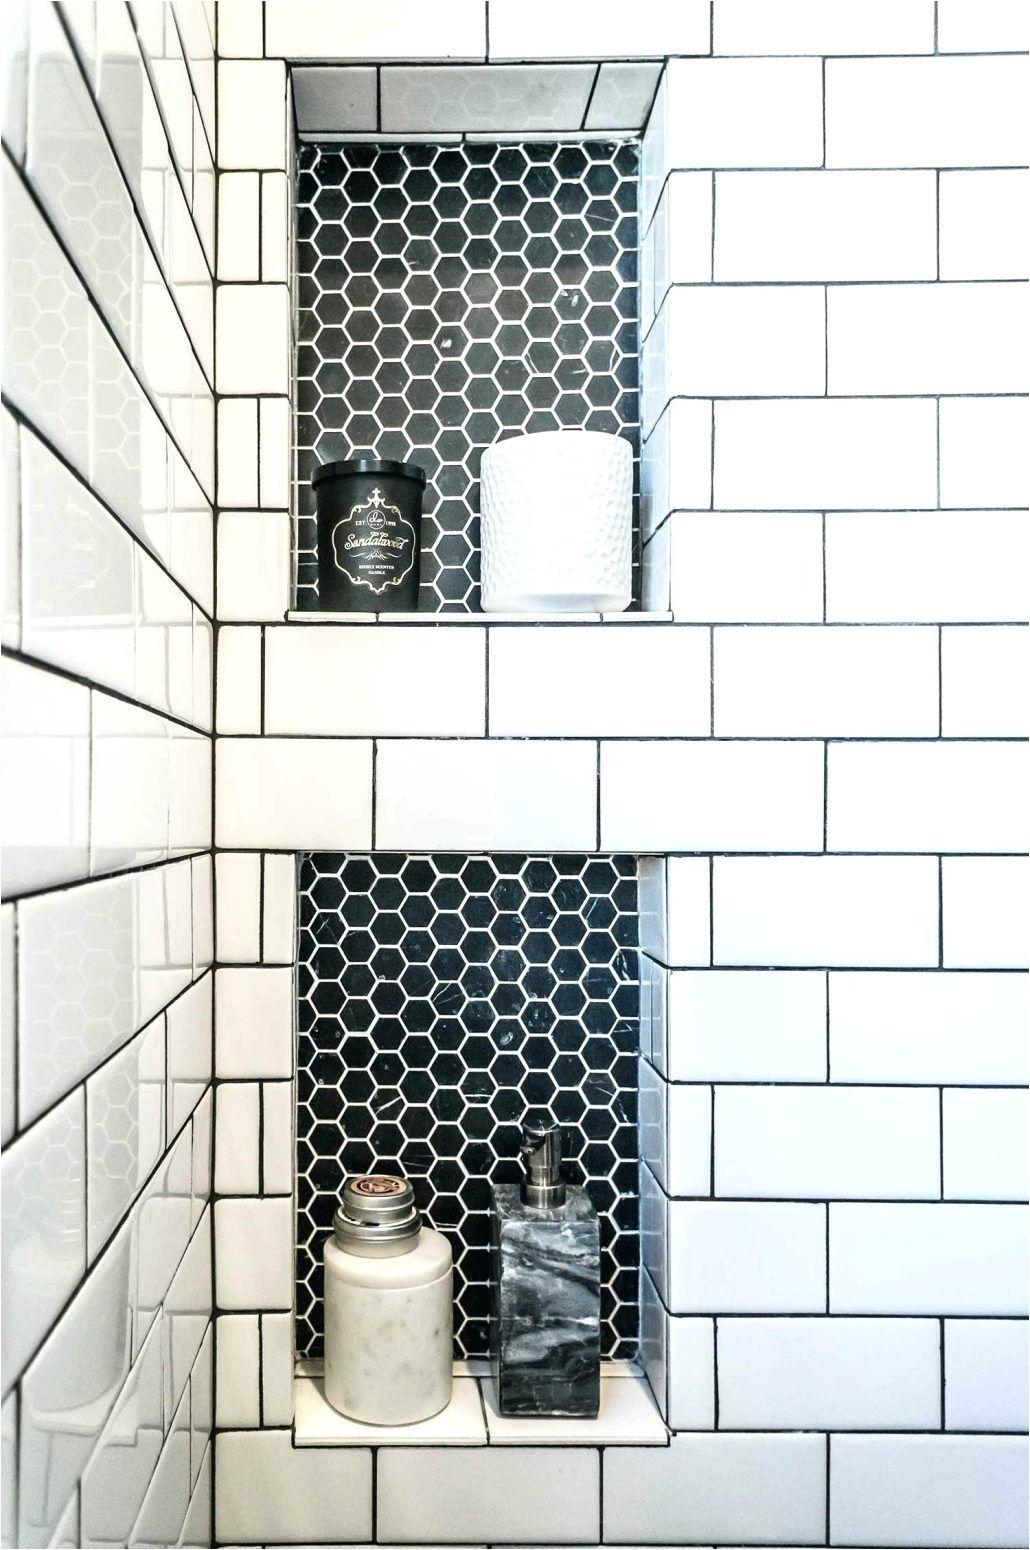 Best Grout for Shower Floor Australia Tiles White Hexagon Floor Tile ...